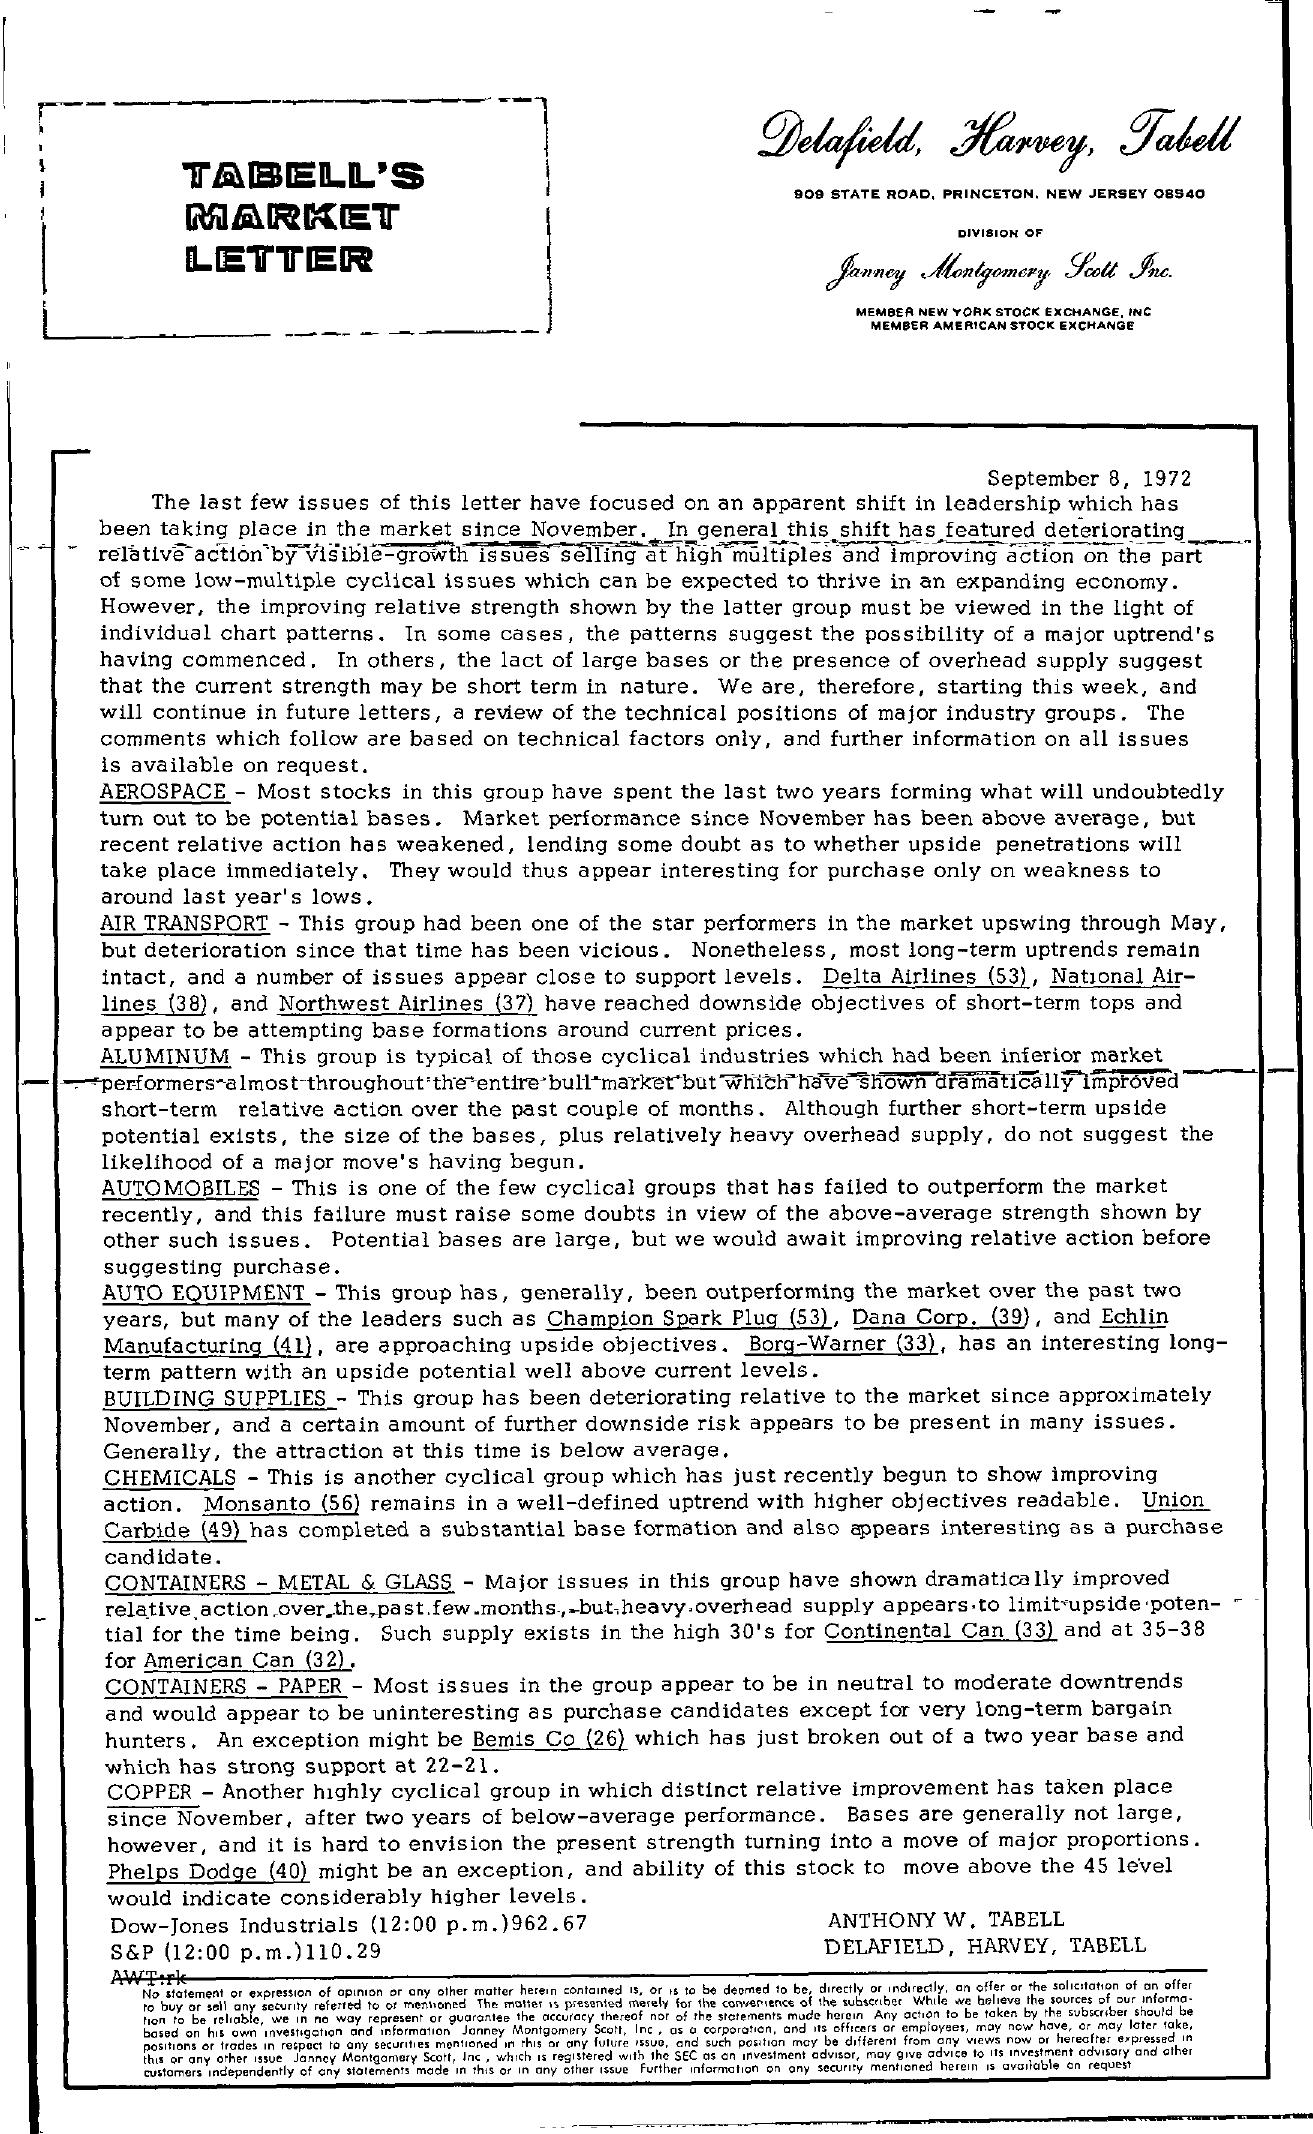 Tabell's Market Letter - September 08, 1972